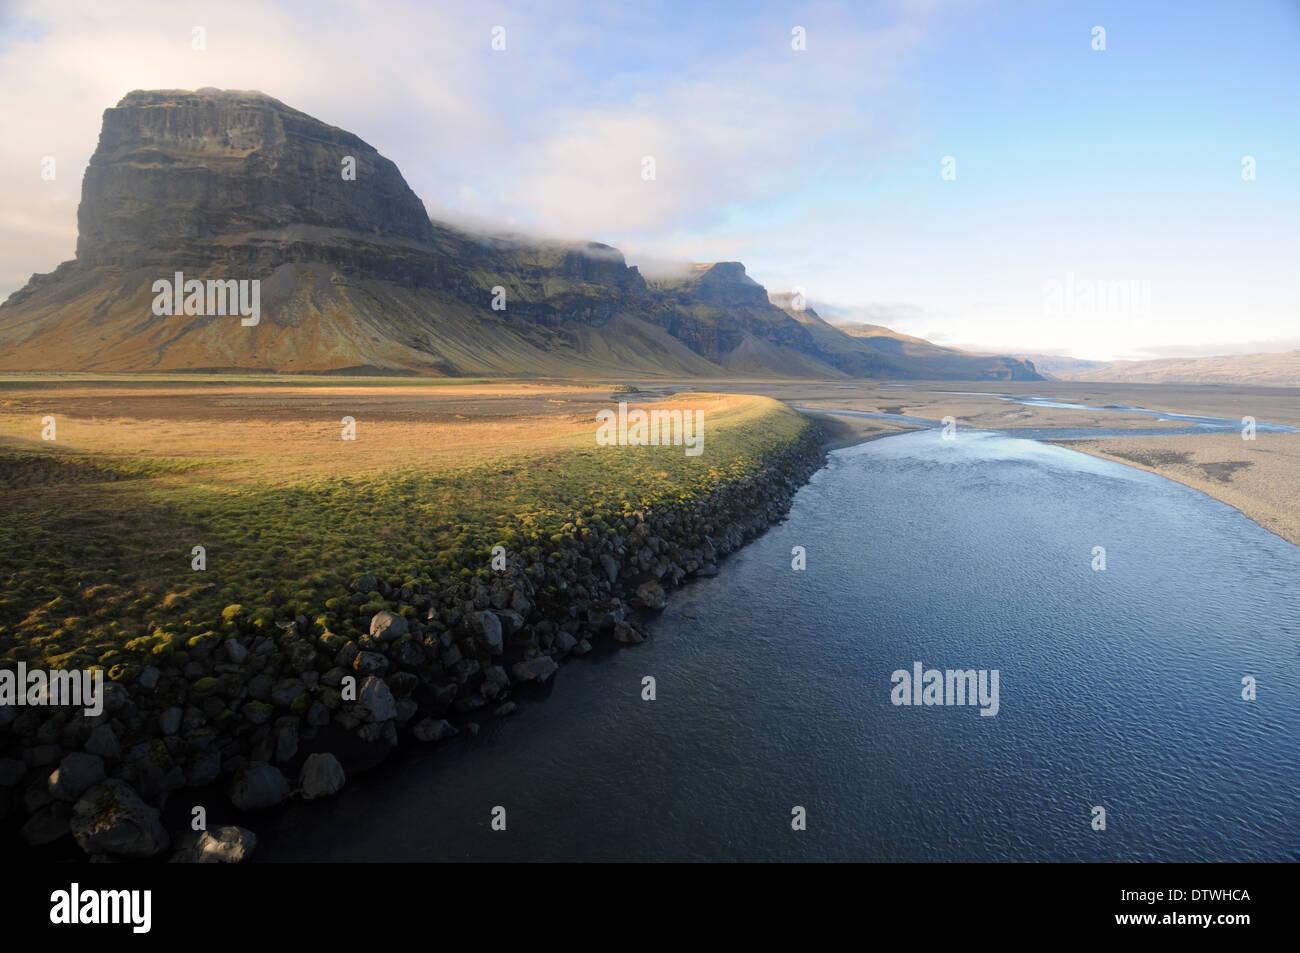 Impresionante paisaje a lo largo de la carretera número 1, en el sur de Islandia Imagen De Stock